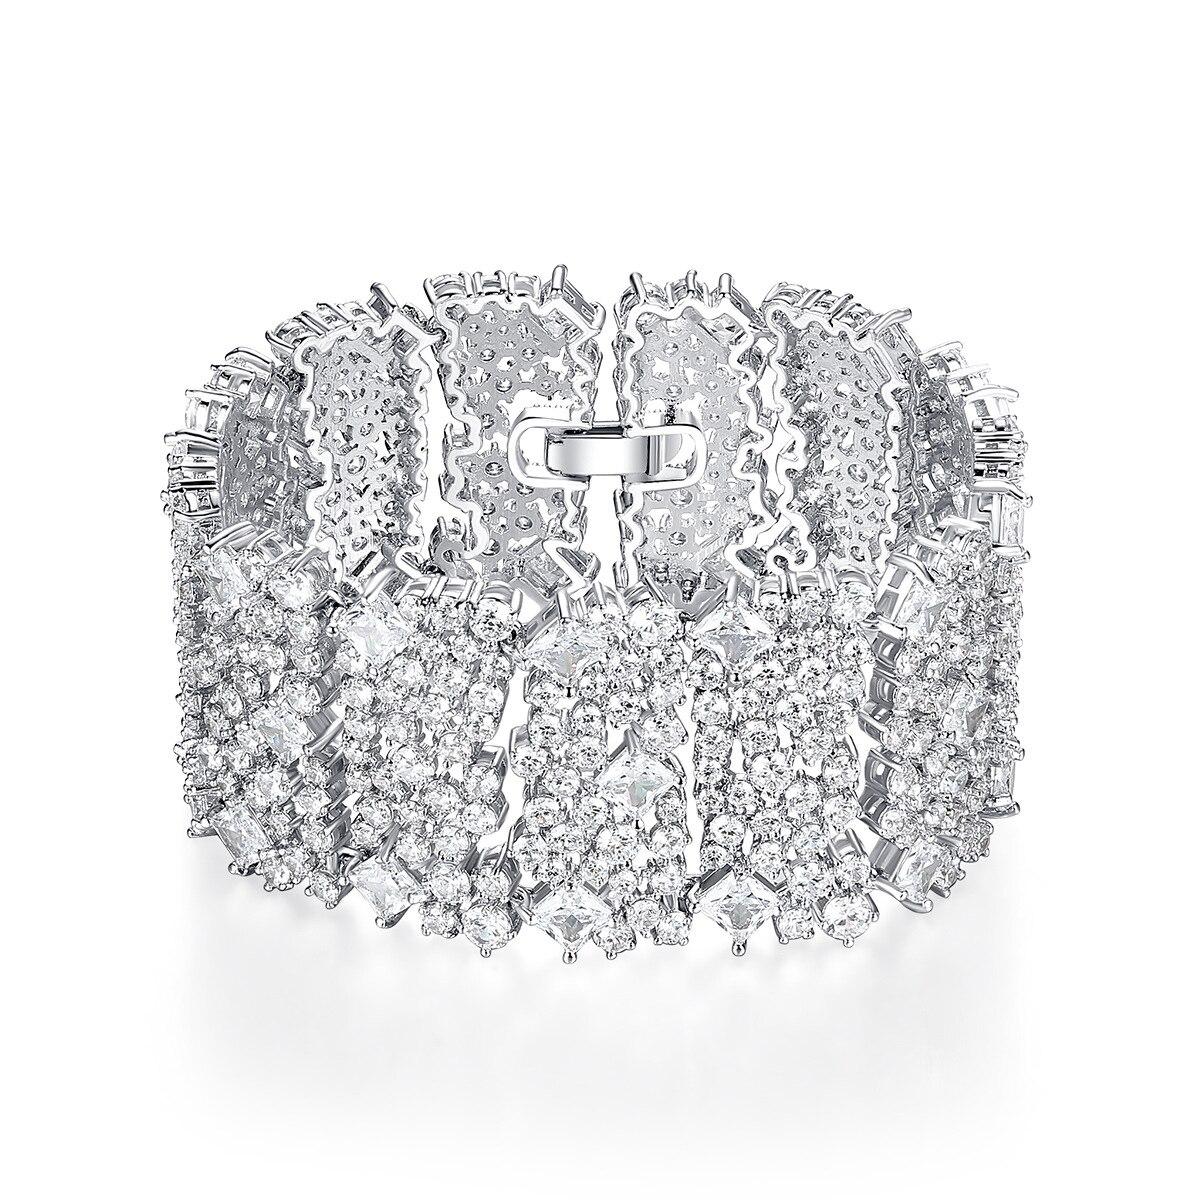 2019 nouveau cuivre AAA cubique zircone déclaration Bracelet Bracelets pour fête femmes large argent Bracelet Bracelets pour mariage